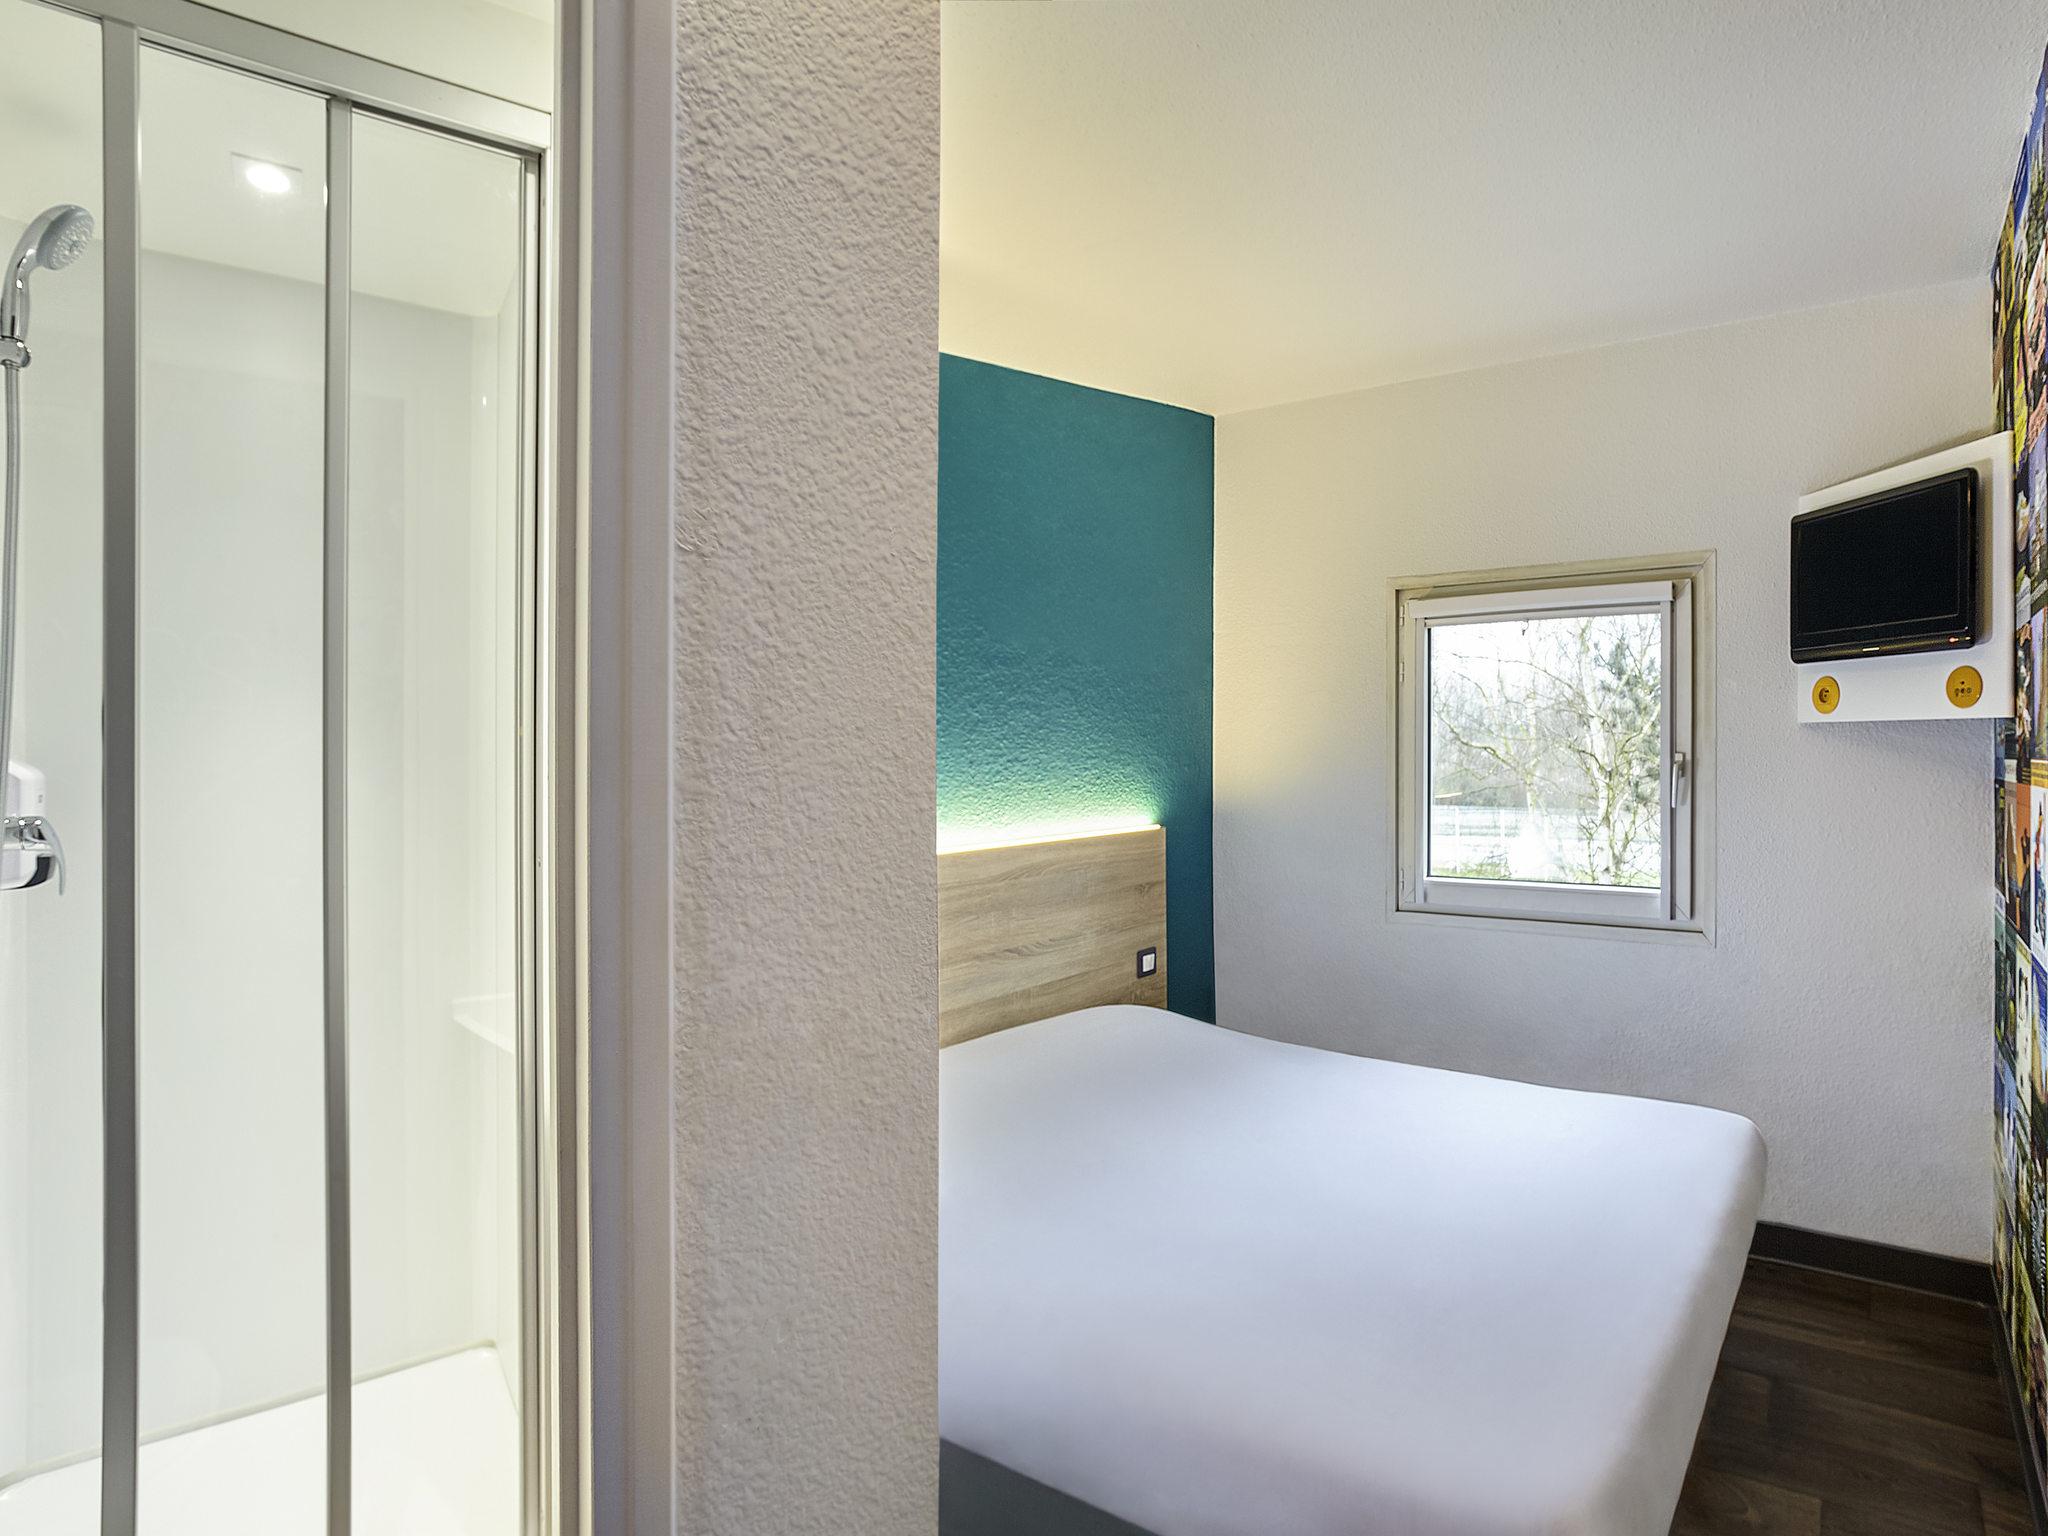 فندق - hotelF1 Le Havre